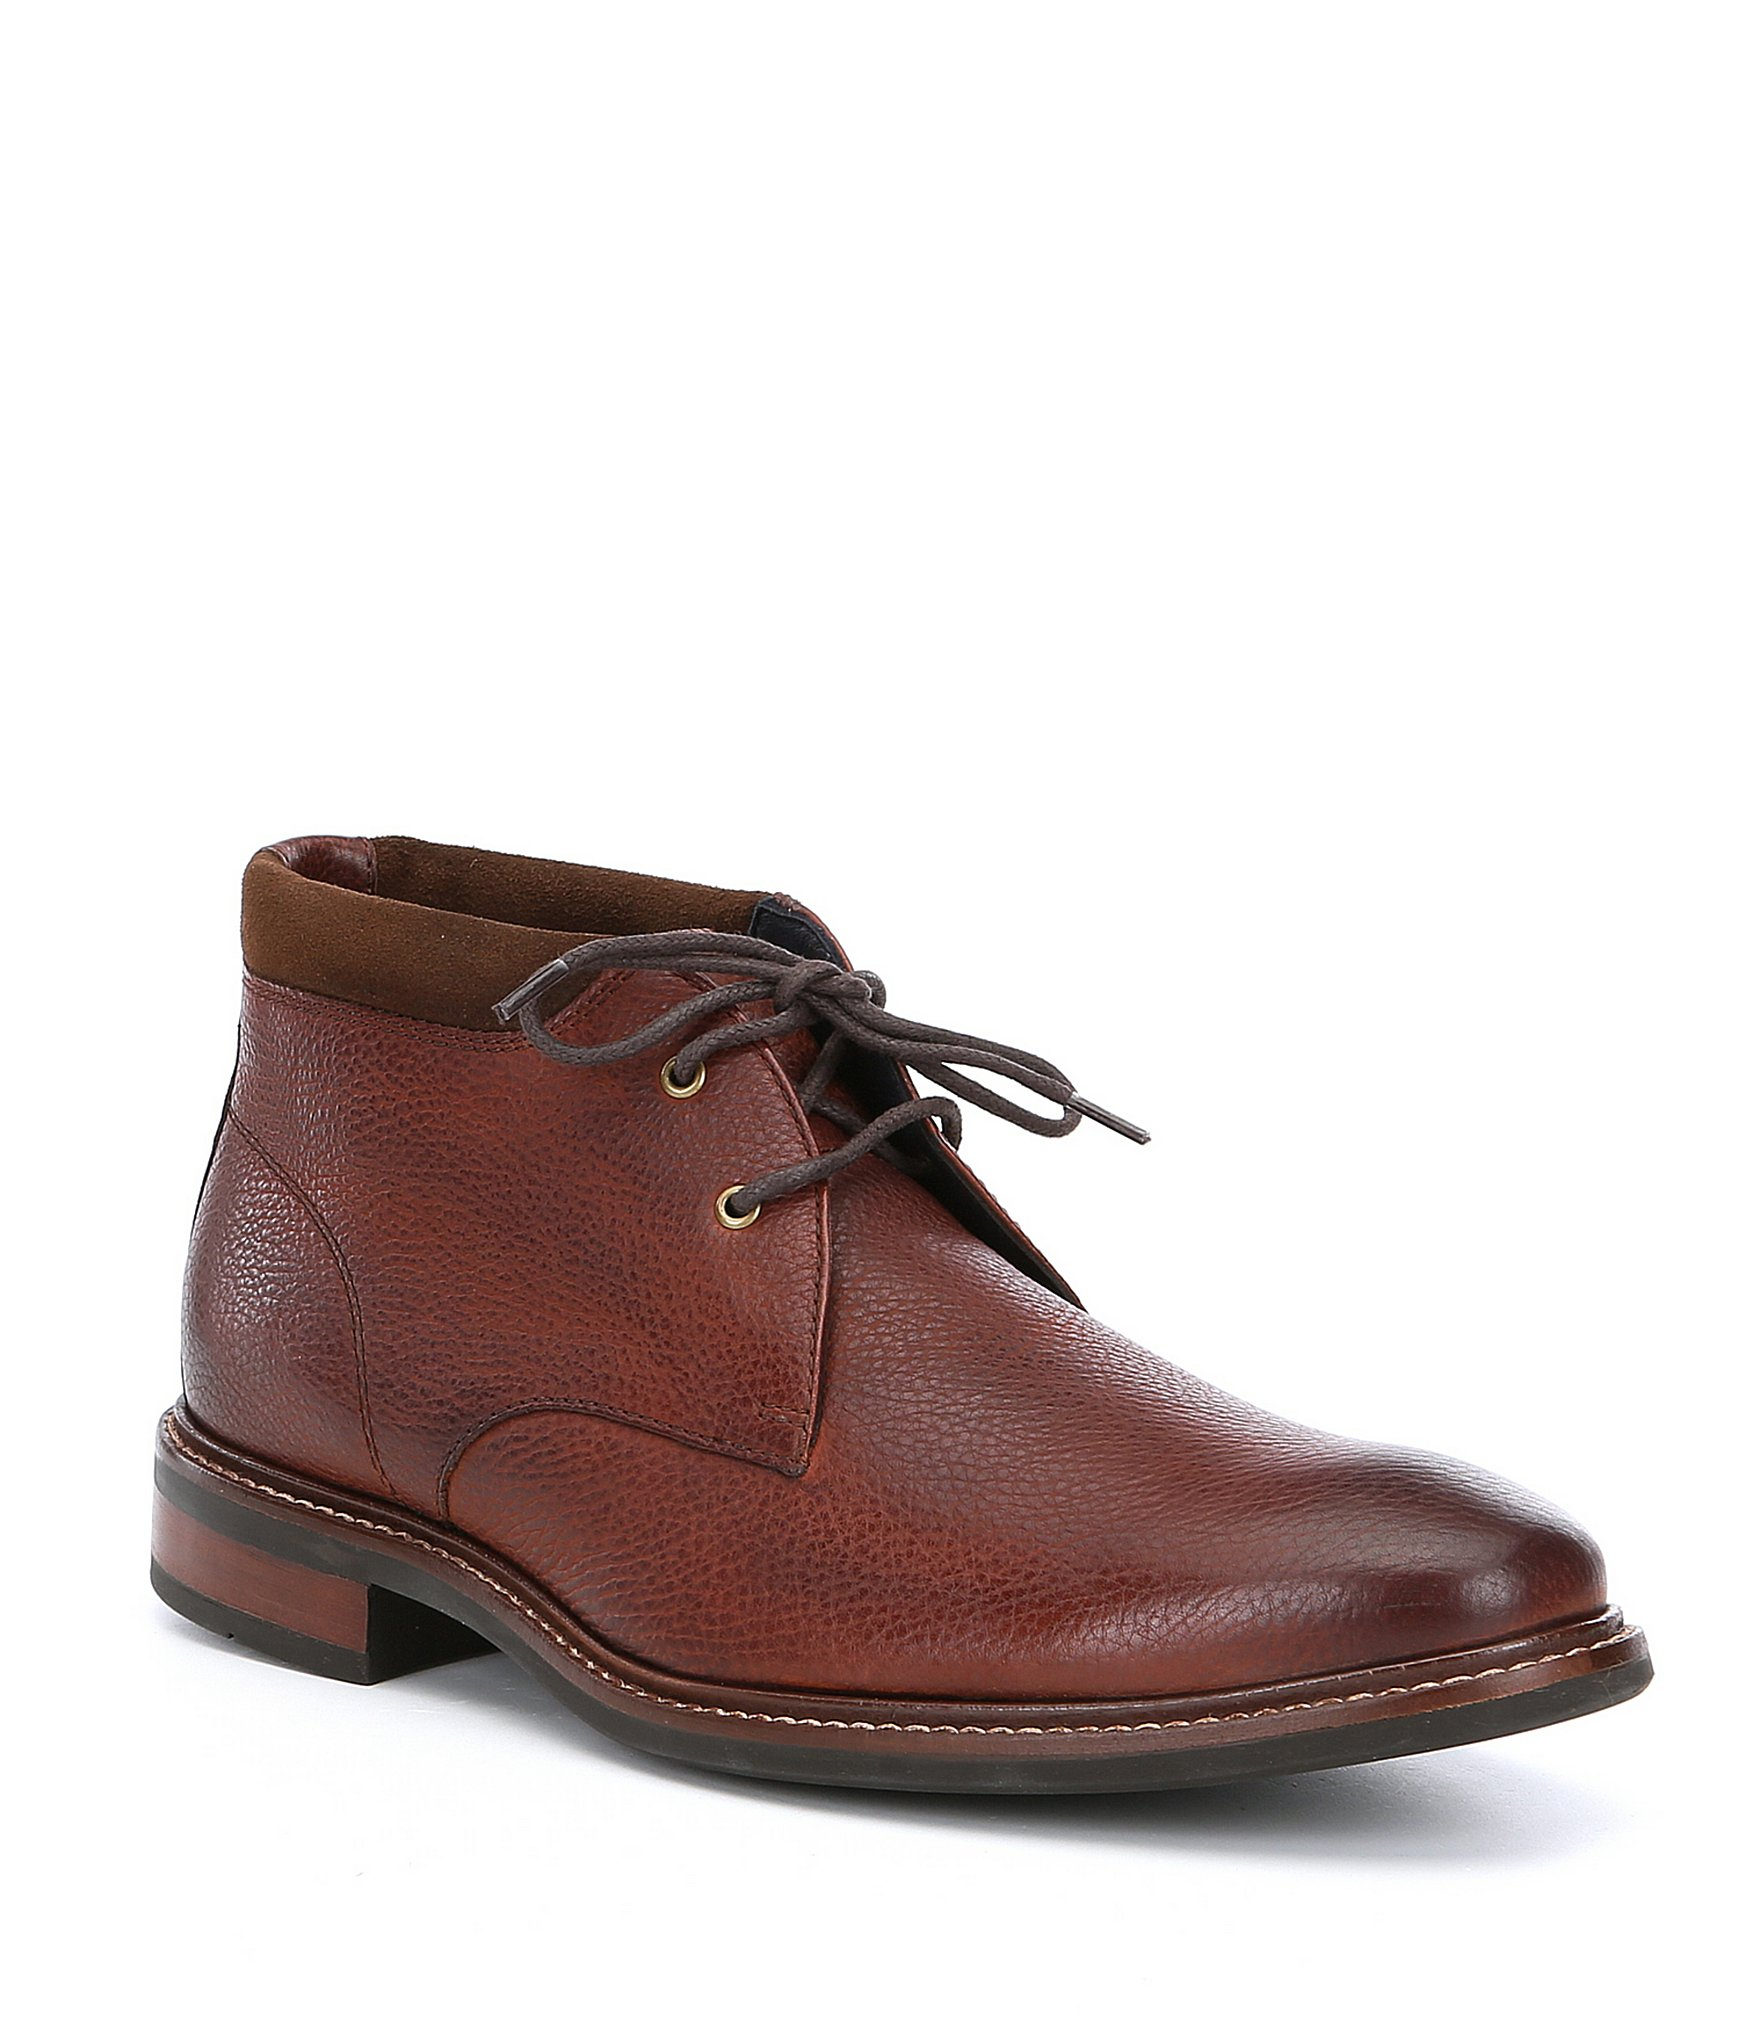 Dillards Shoes Boots Sale